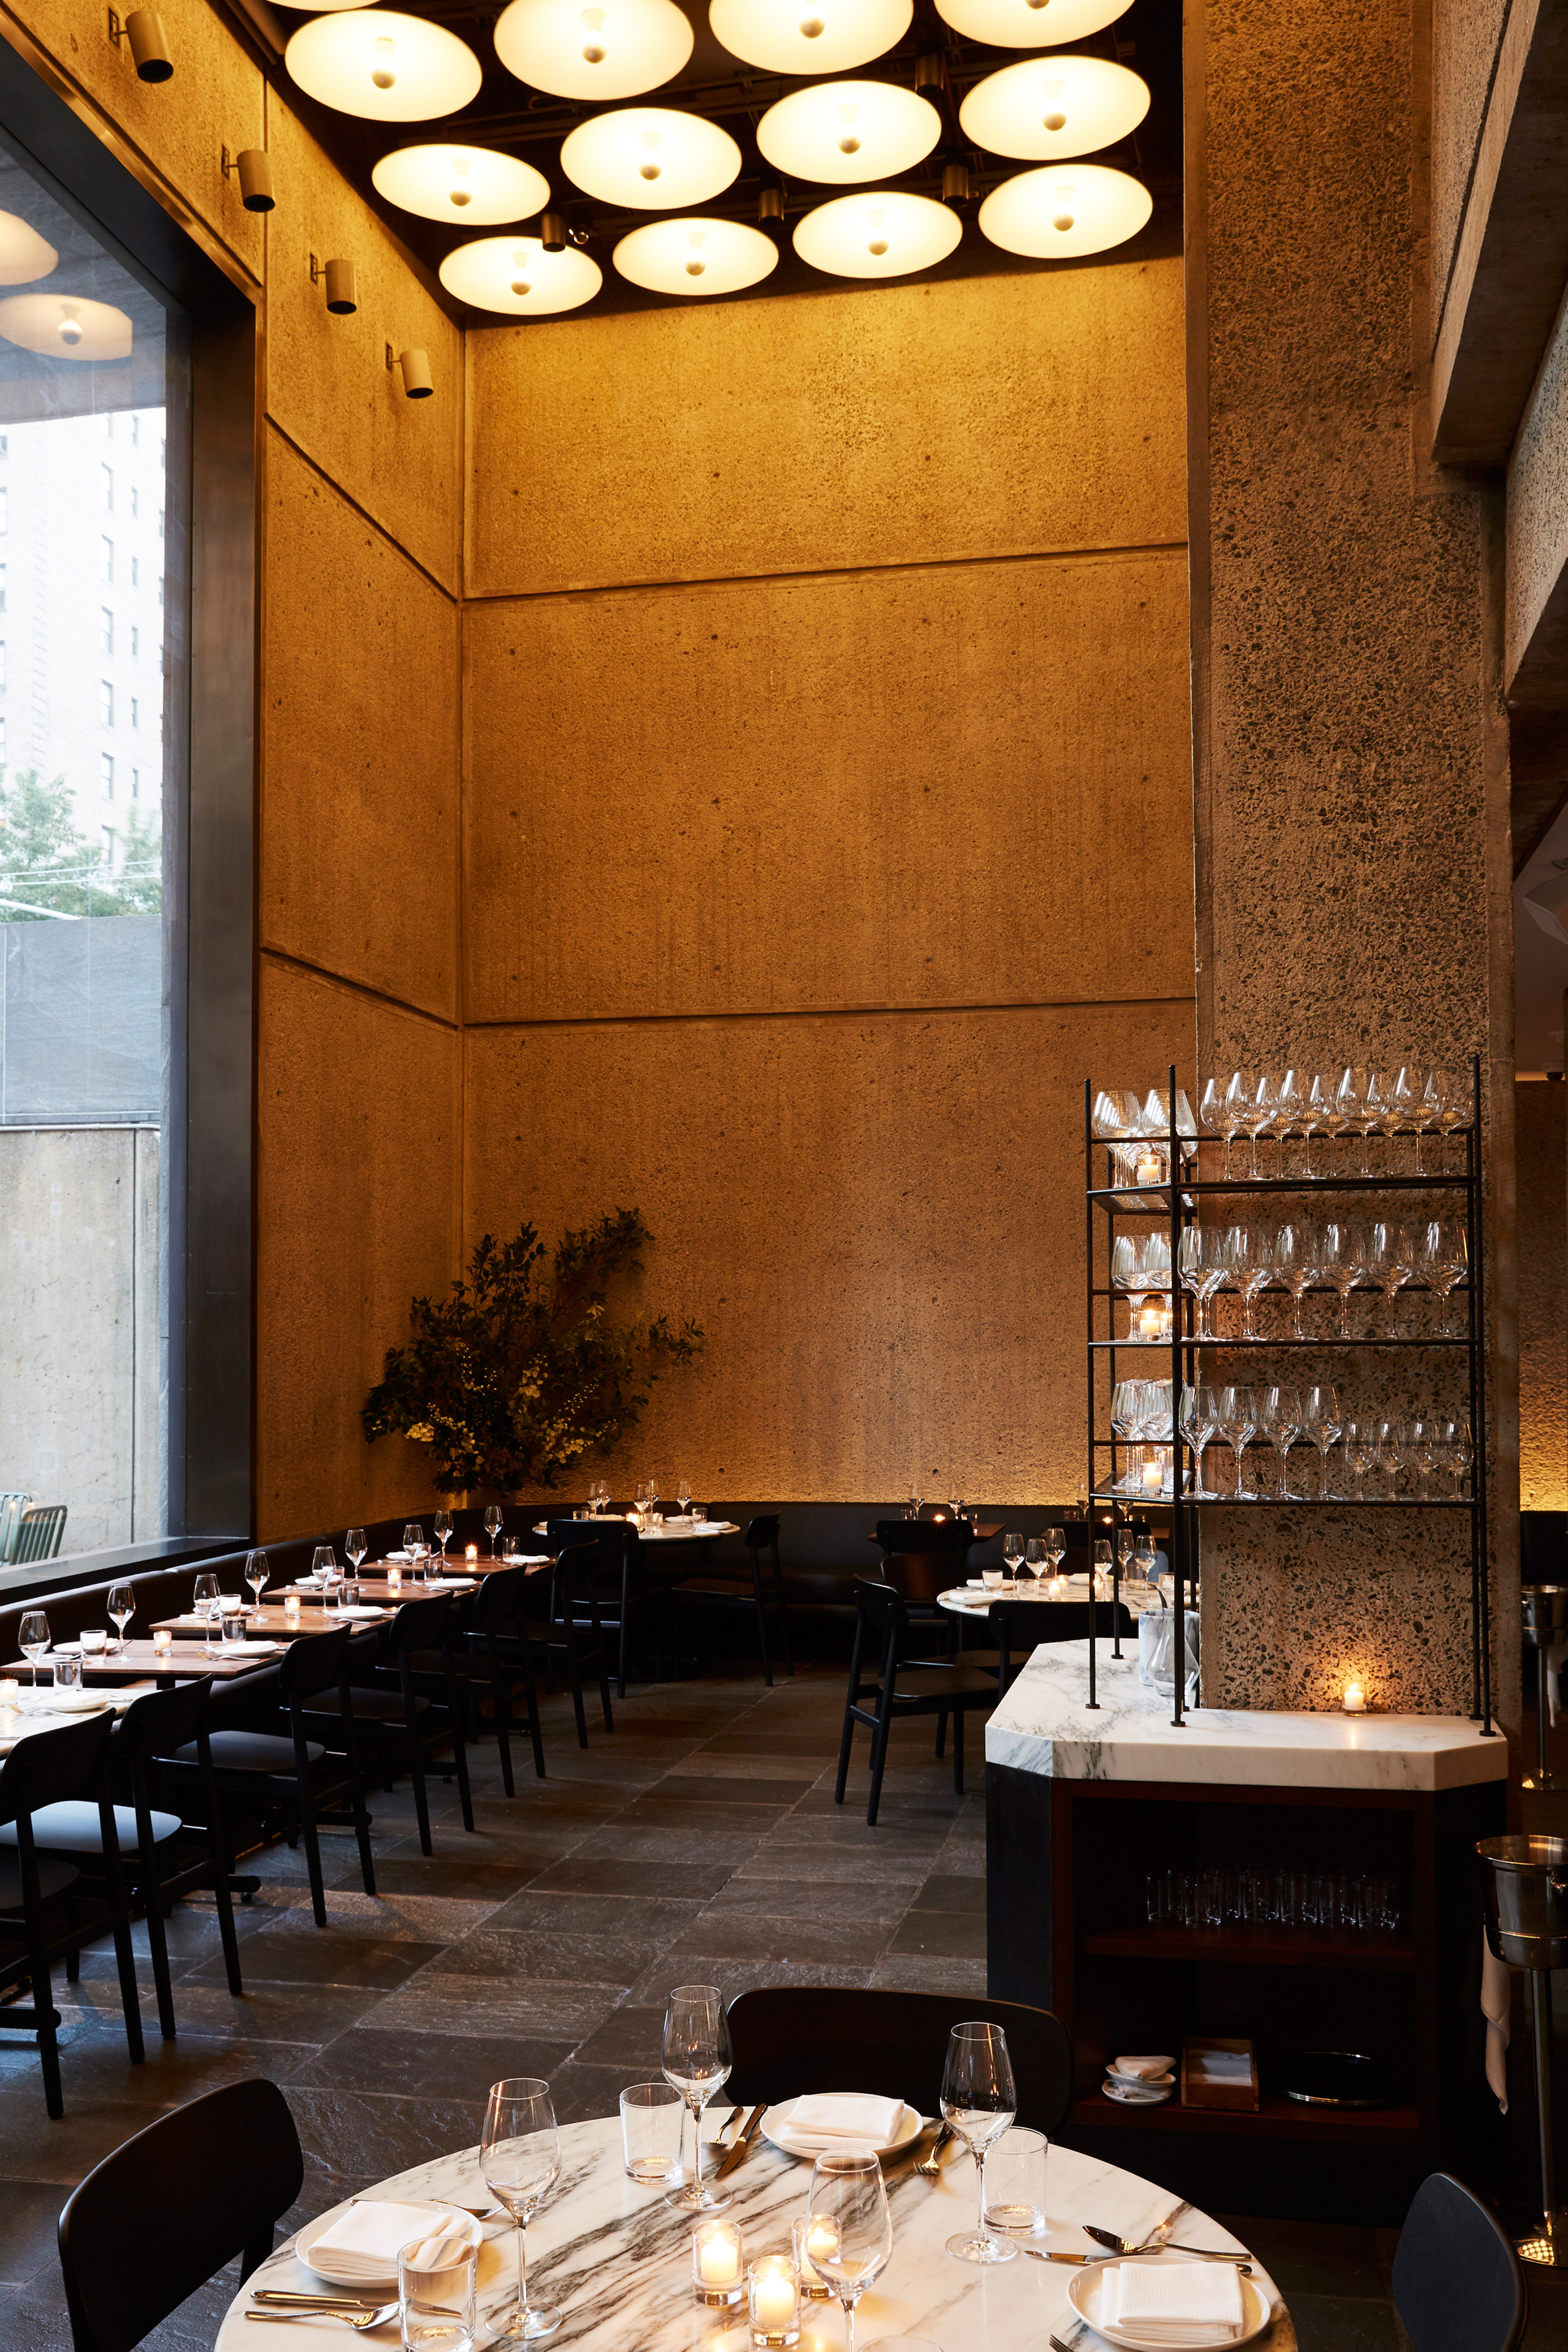 Restaurant and coffee bar open inside brutalist met breuer